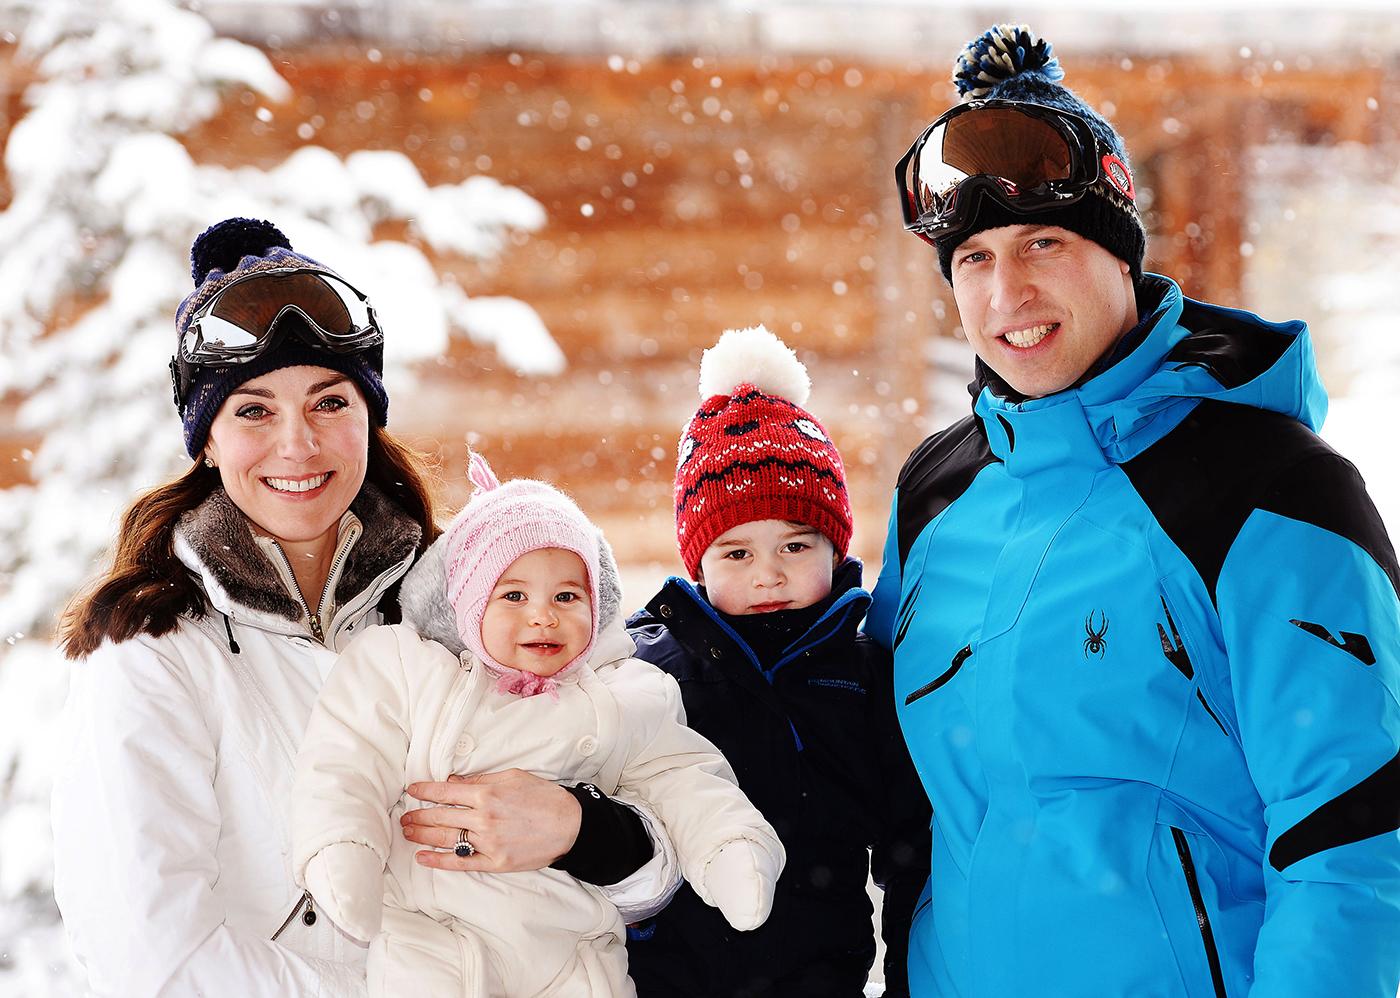 La famille royale britannique dans un 5 étoiles à Amiens? Déjà complet, répond l'hôtel